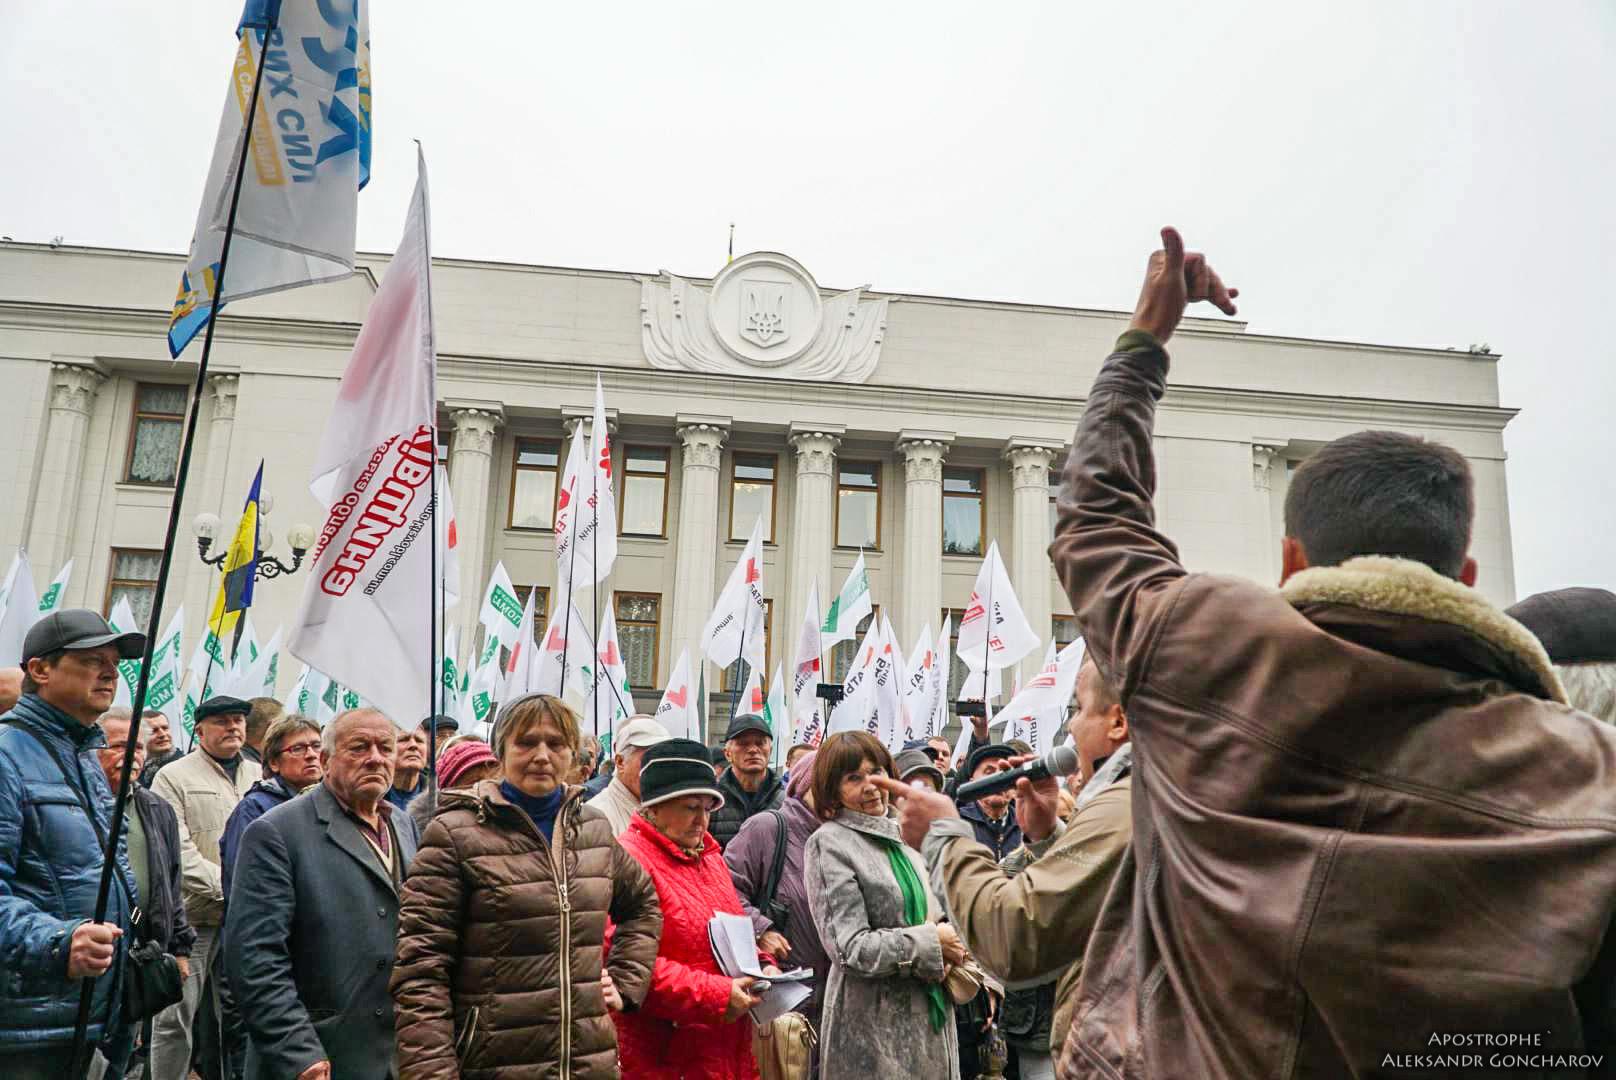 Организаторы протестов обещают в случае необходимости собраться снова